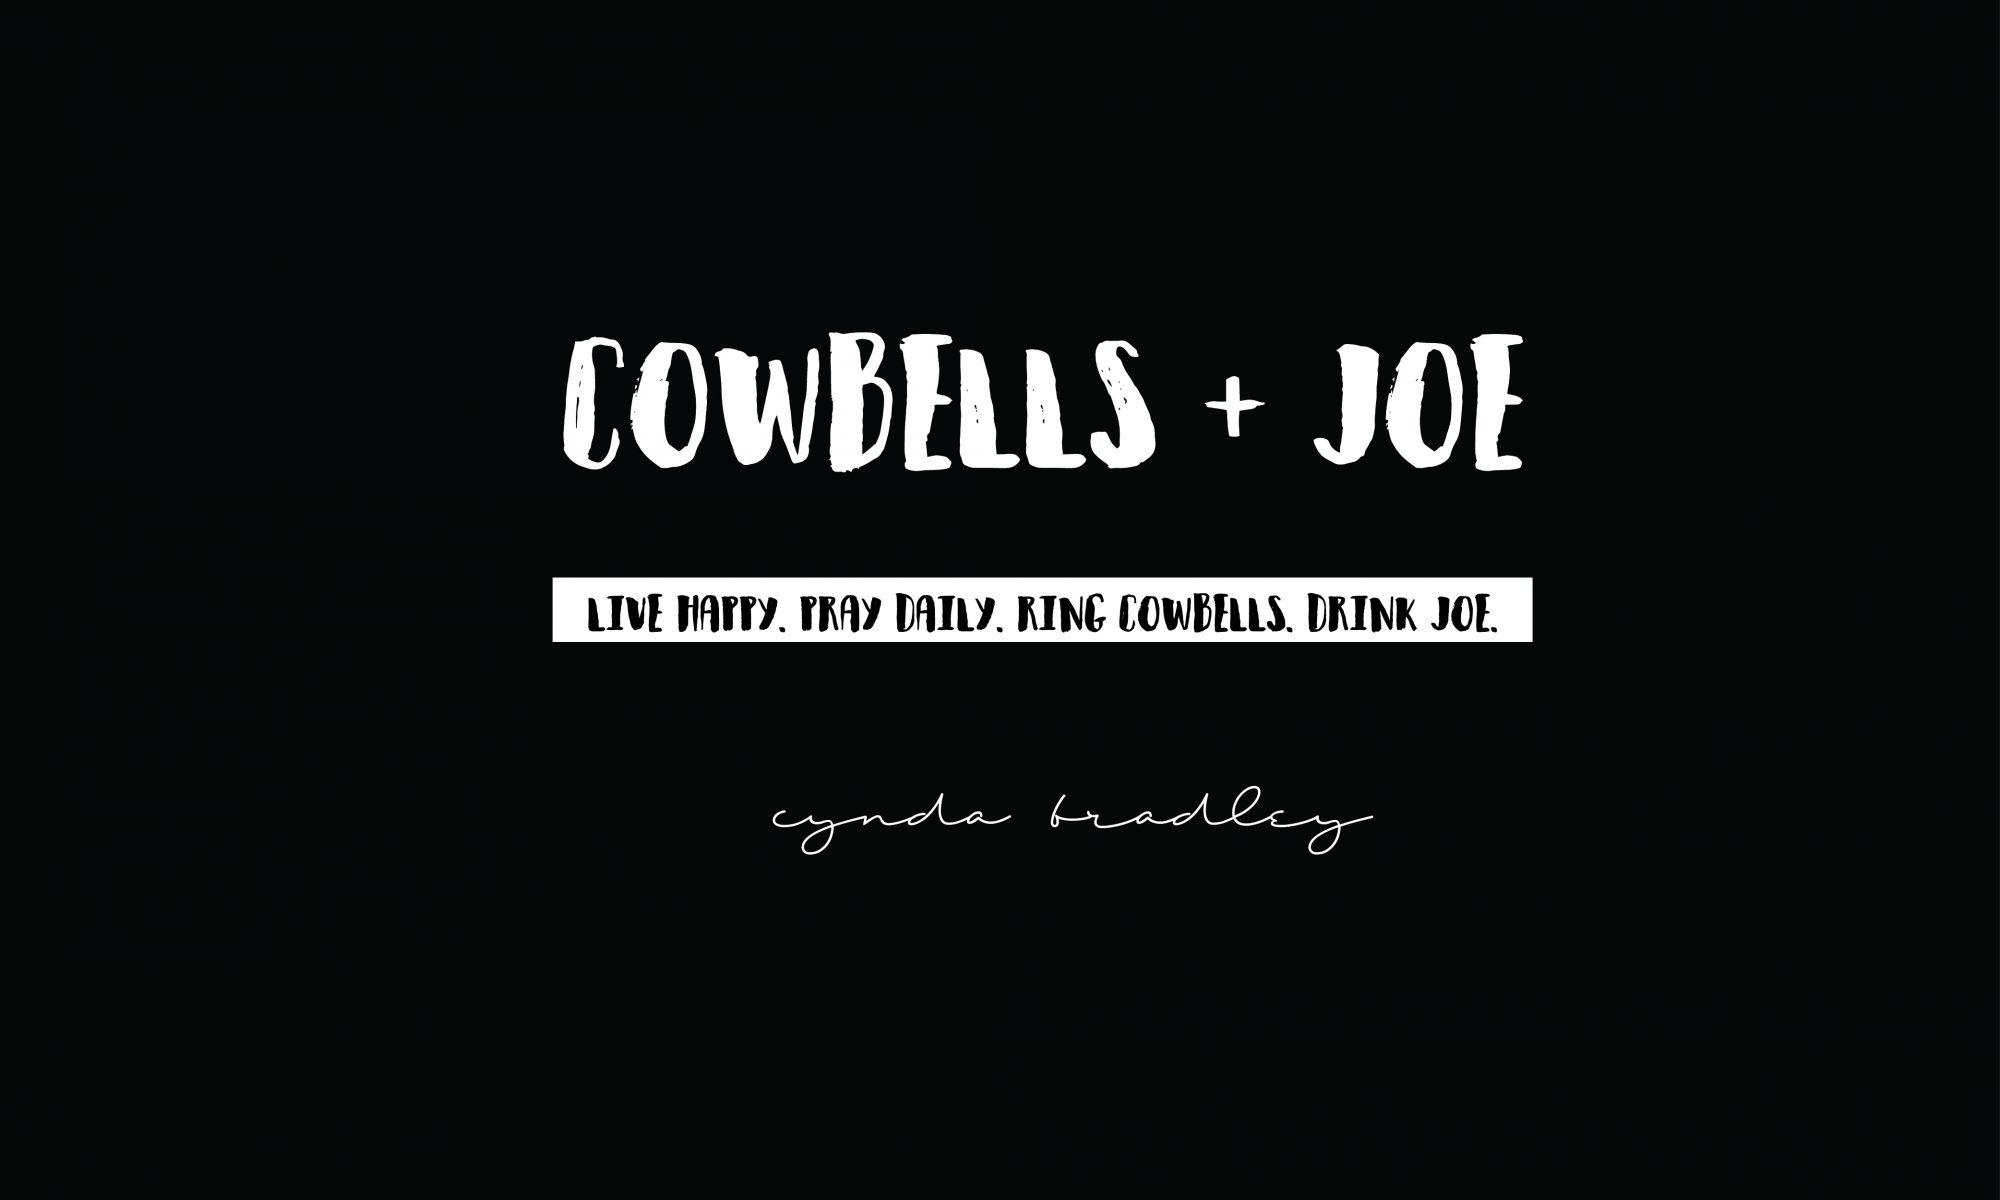 cowbells + joe